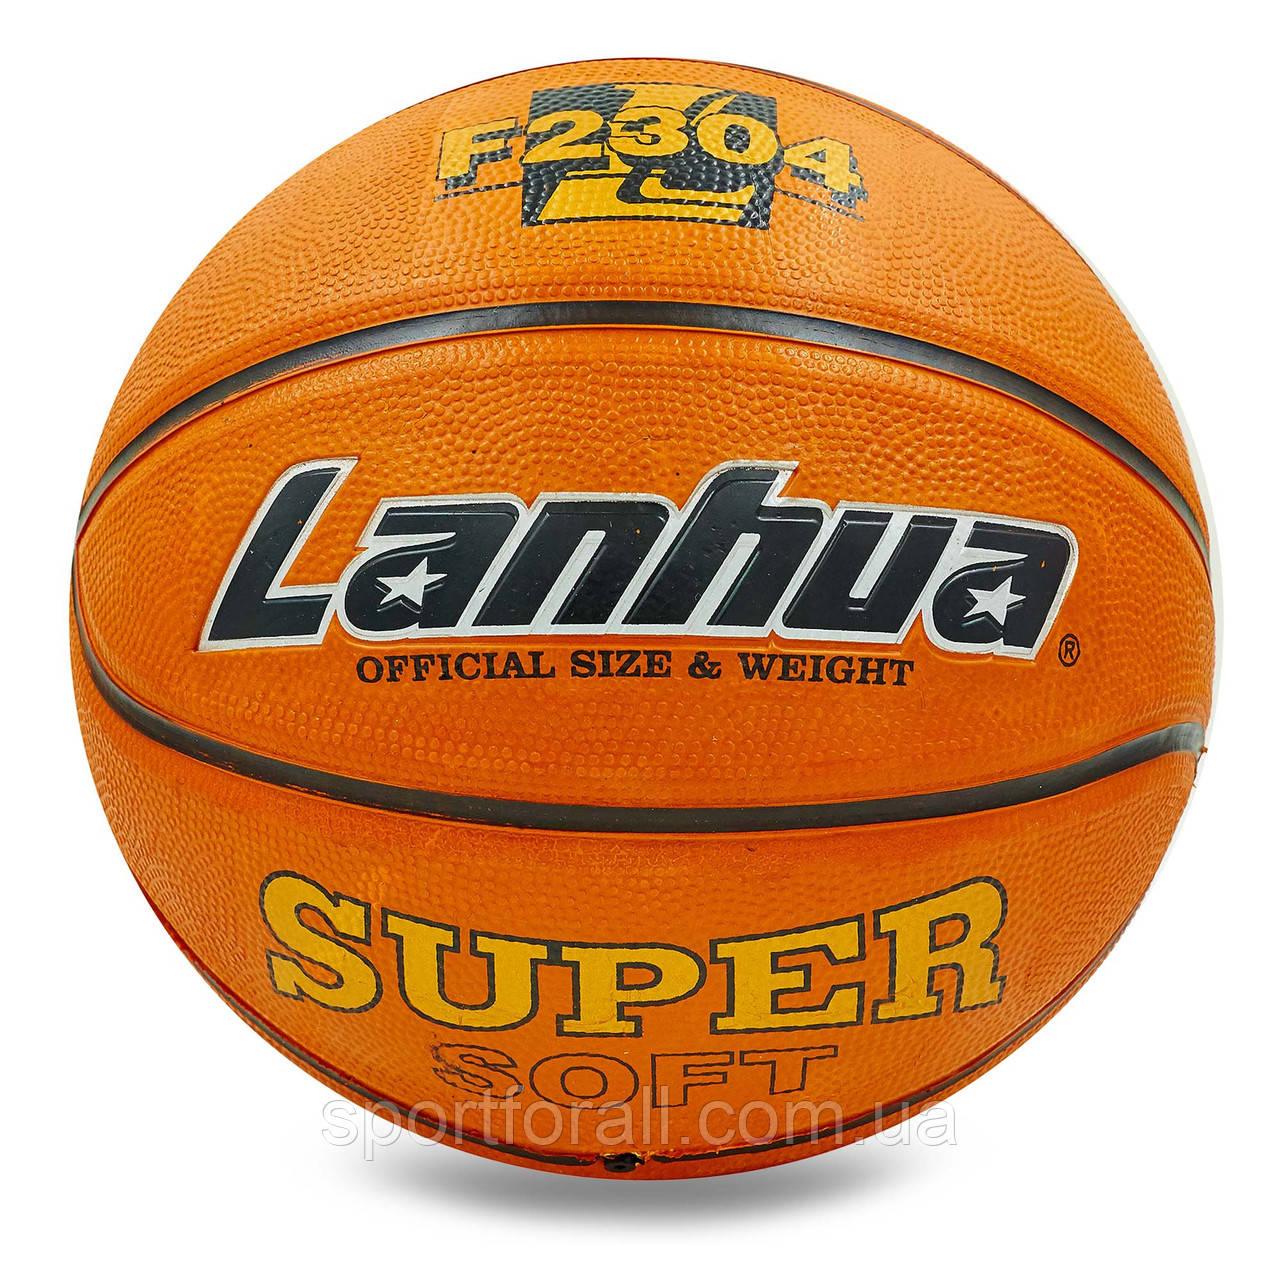 Мяч баскетбольный резиновый №7 LANHUA Super soft (резина, бутил, оранжевый)  F2304